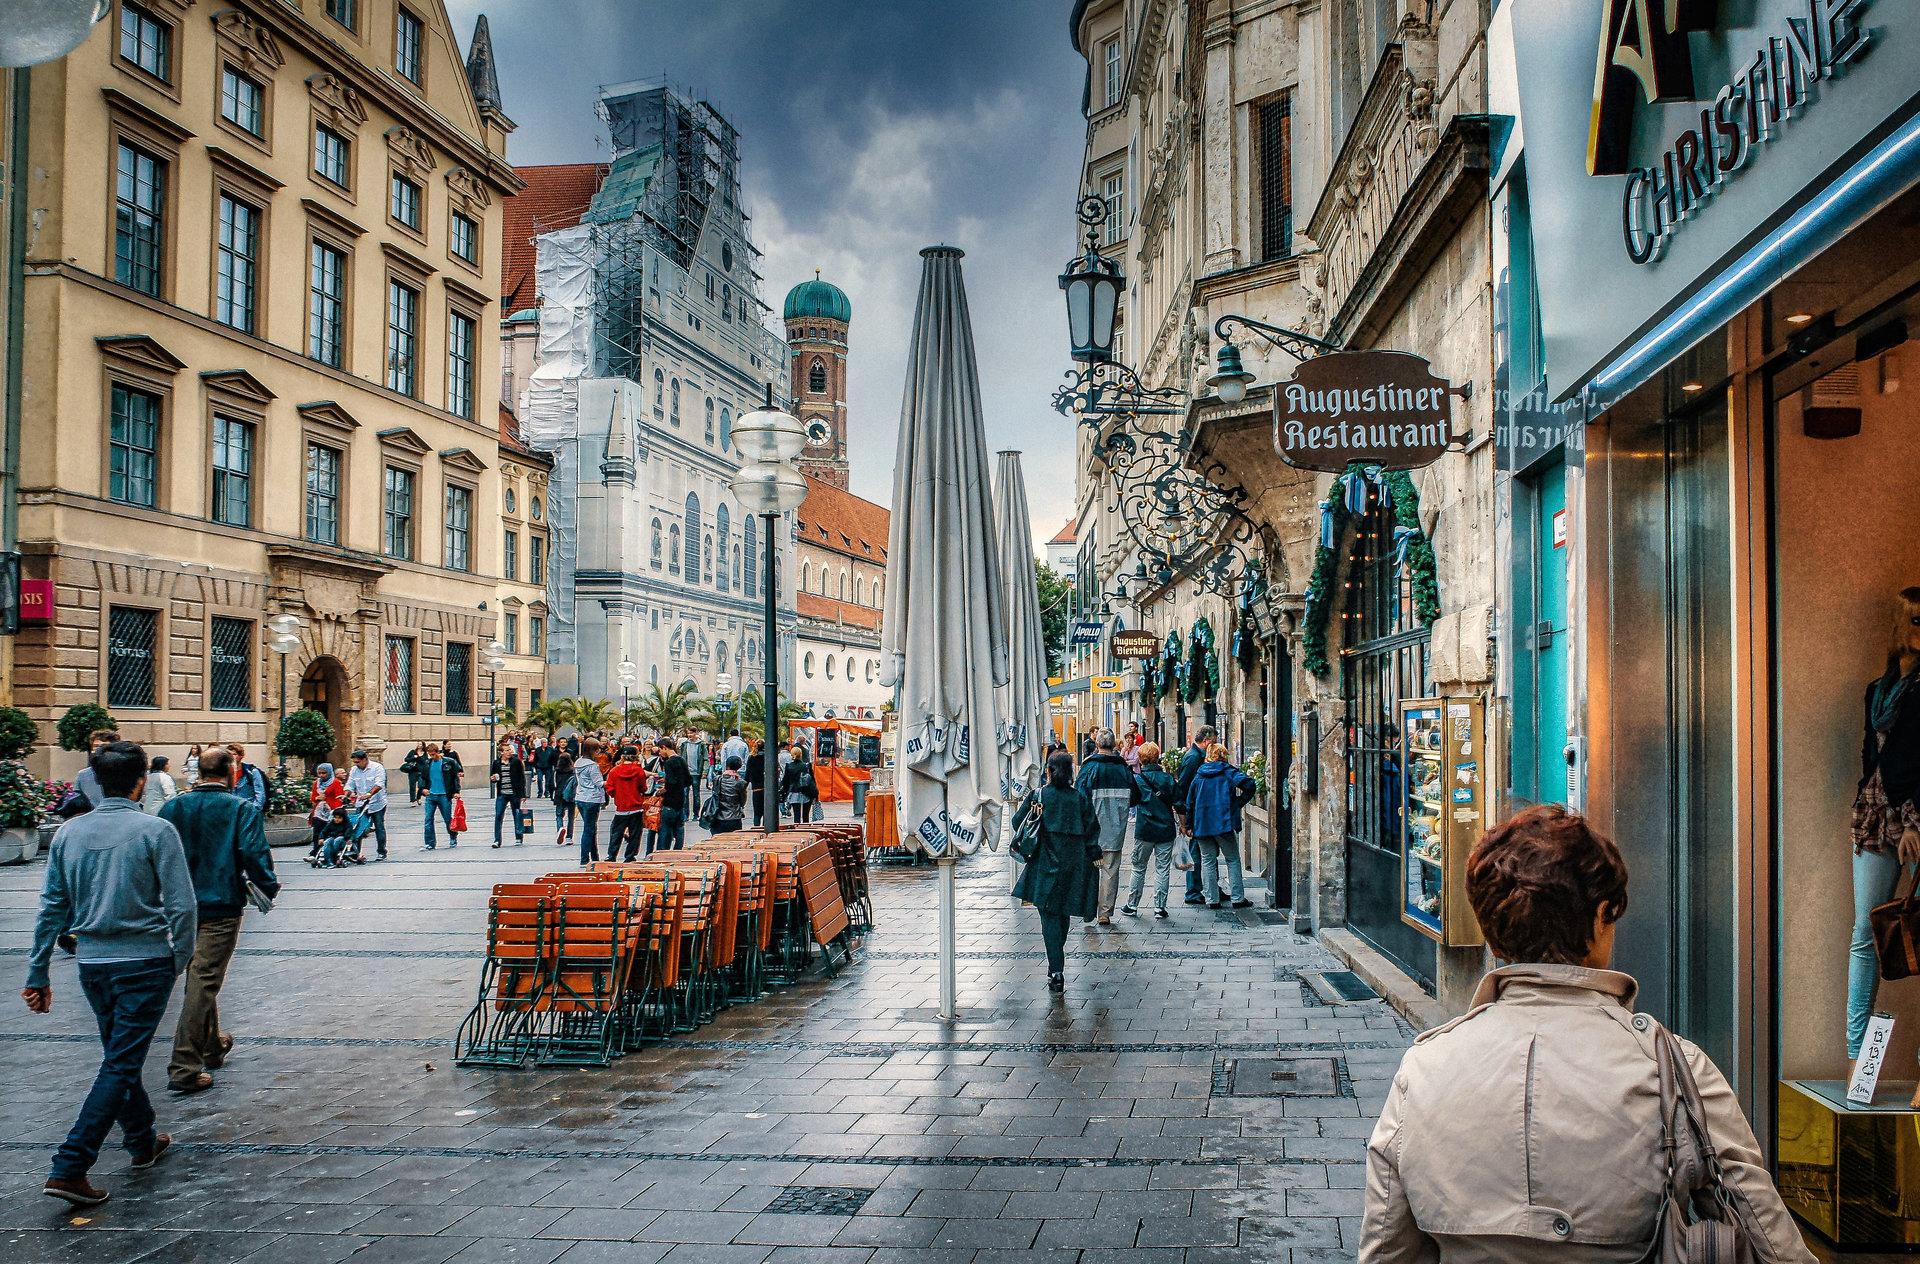 Дъждовни главни улици | Author Владимир Димитров - nyamago | PHOTO FORUM